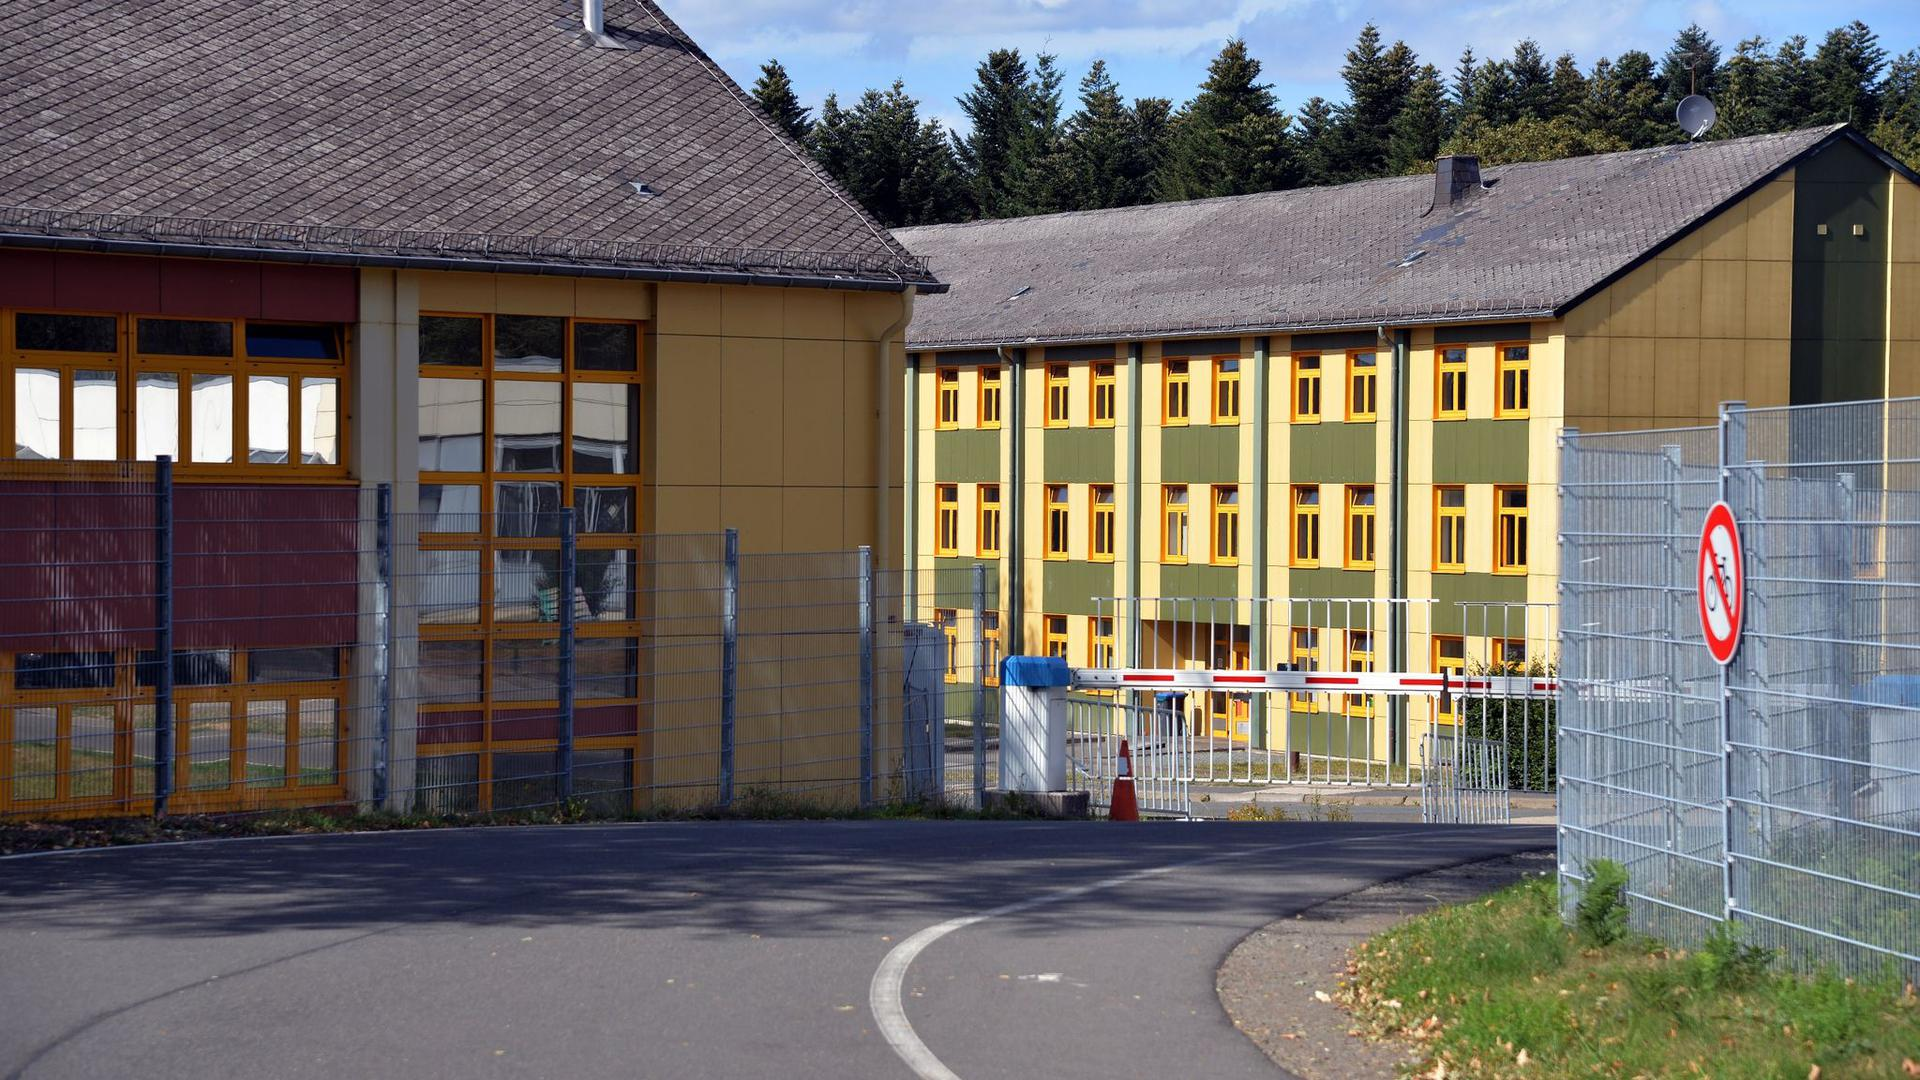 Eine Aufnahmeeinrichtung für Asylbegehrende (AfA) in Hermeskeil in Rheinland-Pfalz.